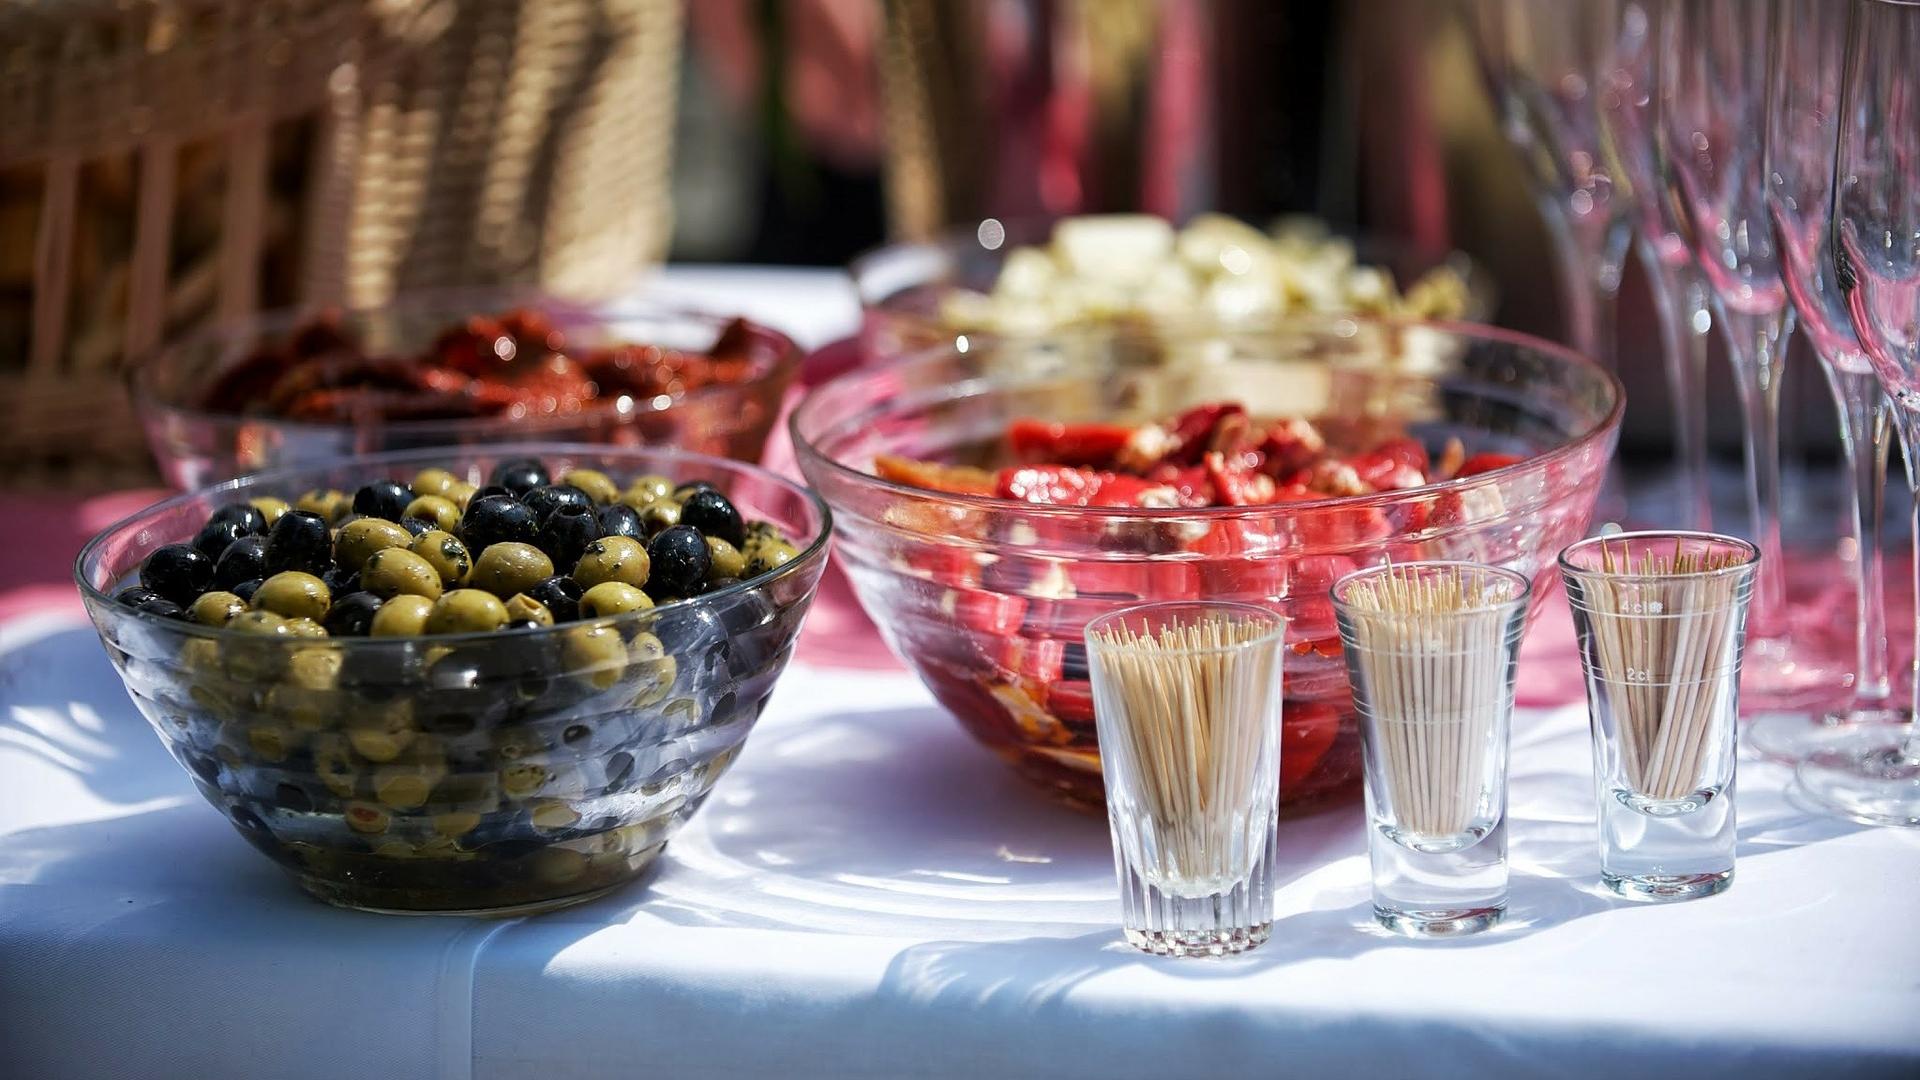 hotel-europa-restaurant-soiree-fruits-de-mer-quiberon-diaporama4